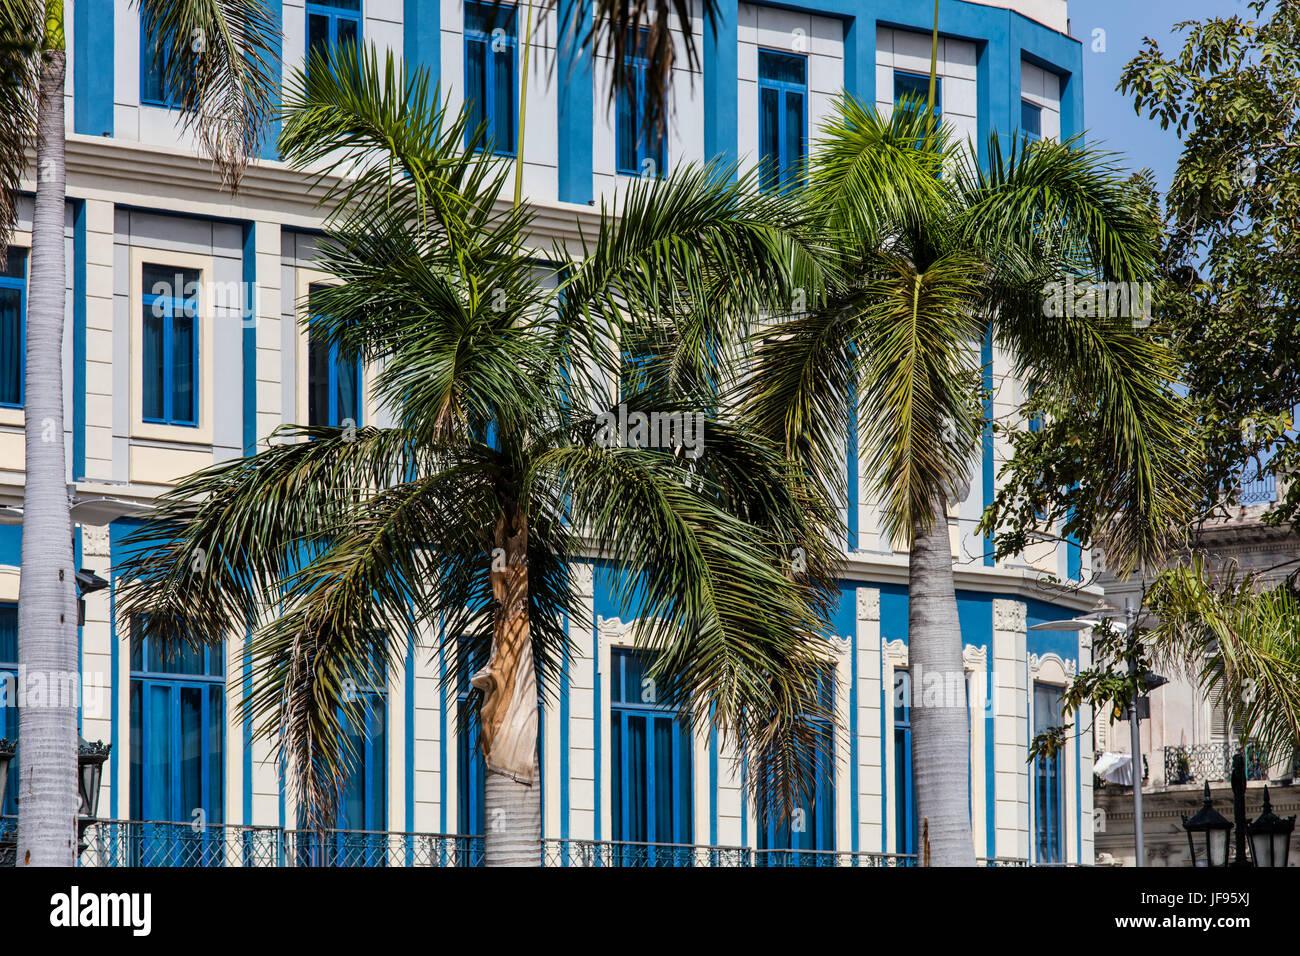 Las palmeras y la arquitectura clásica - LA HABANA, CUBA Imagen De Stock